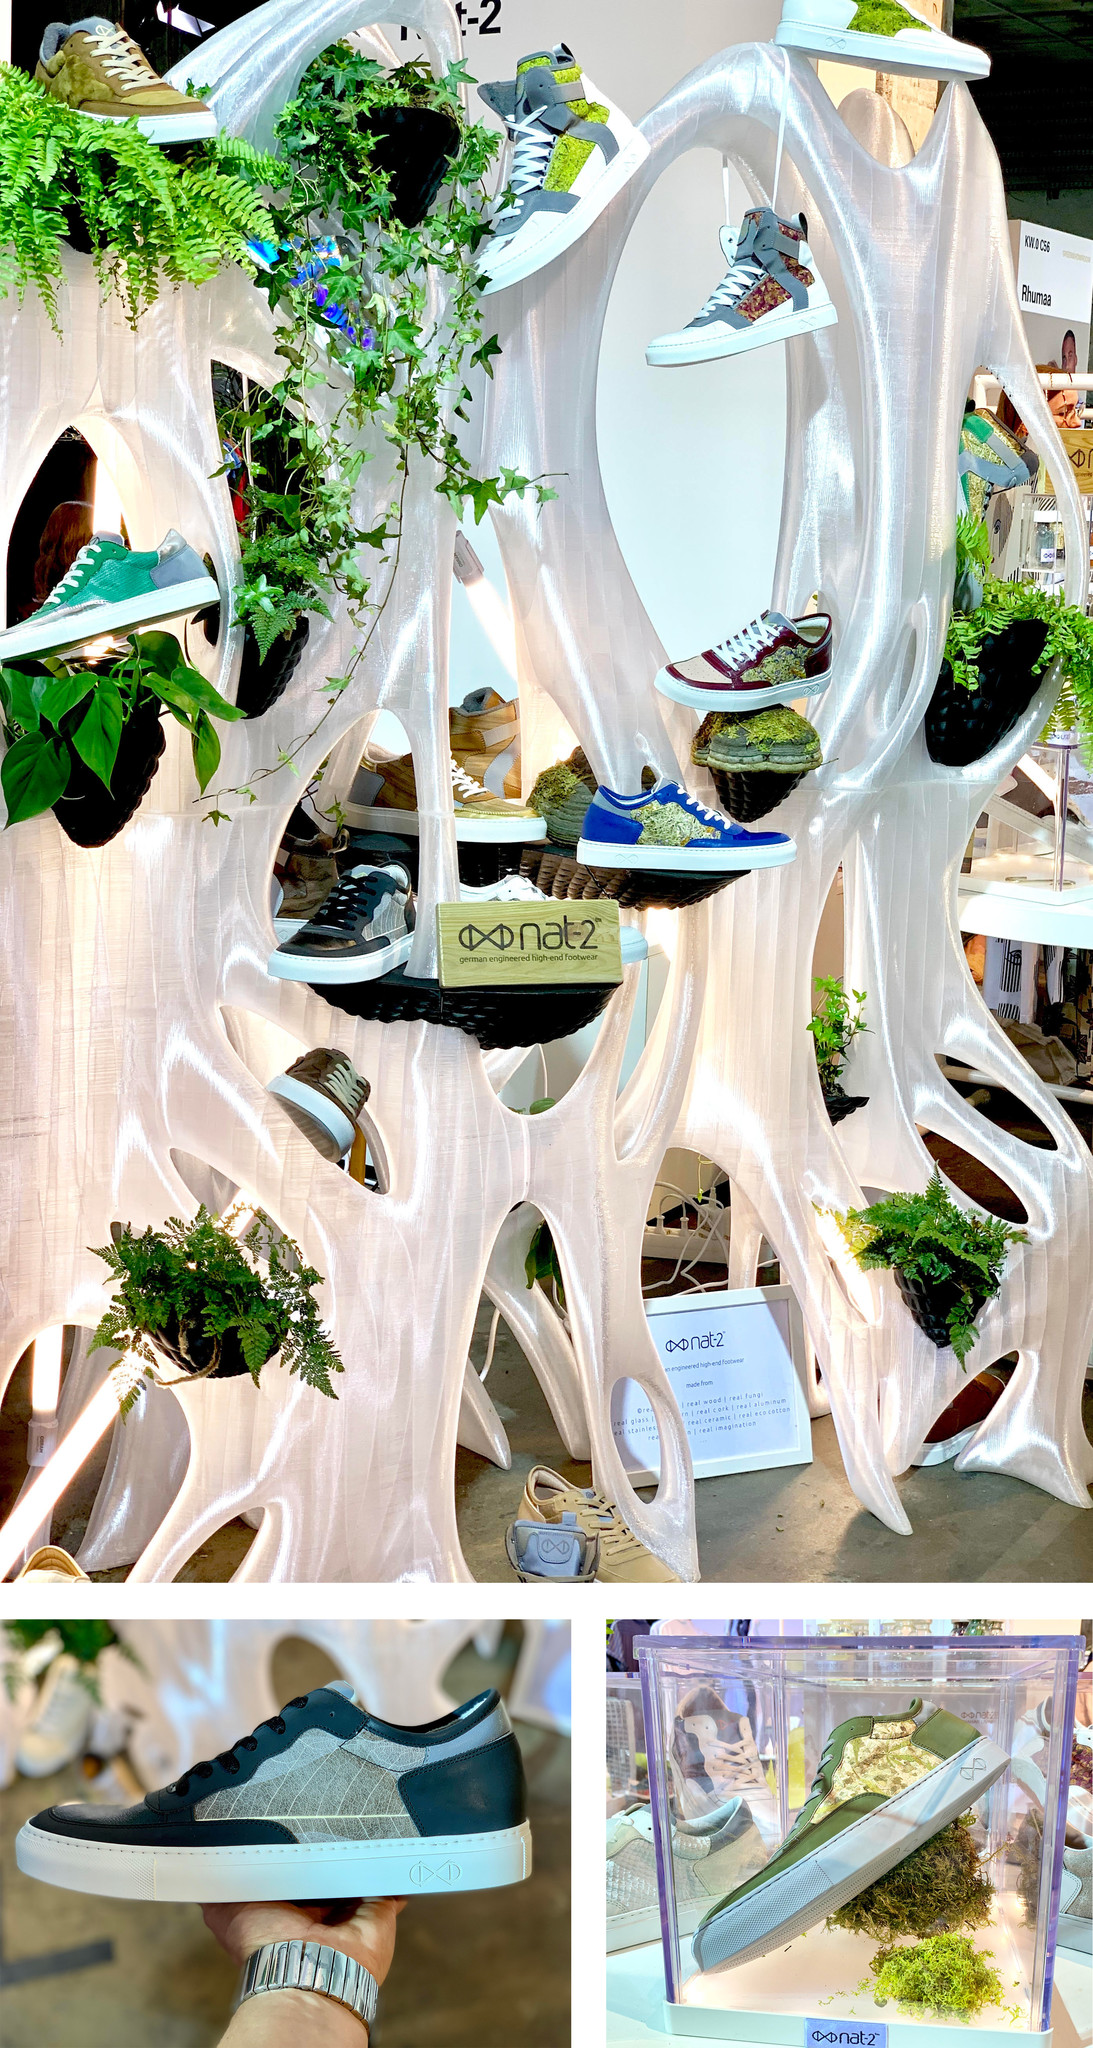 NEONYT, het event voor duurzame innovatieve fashion